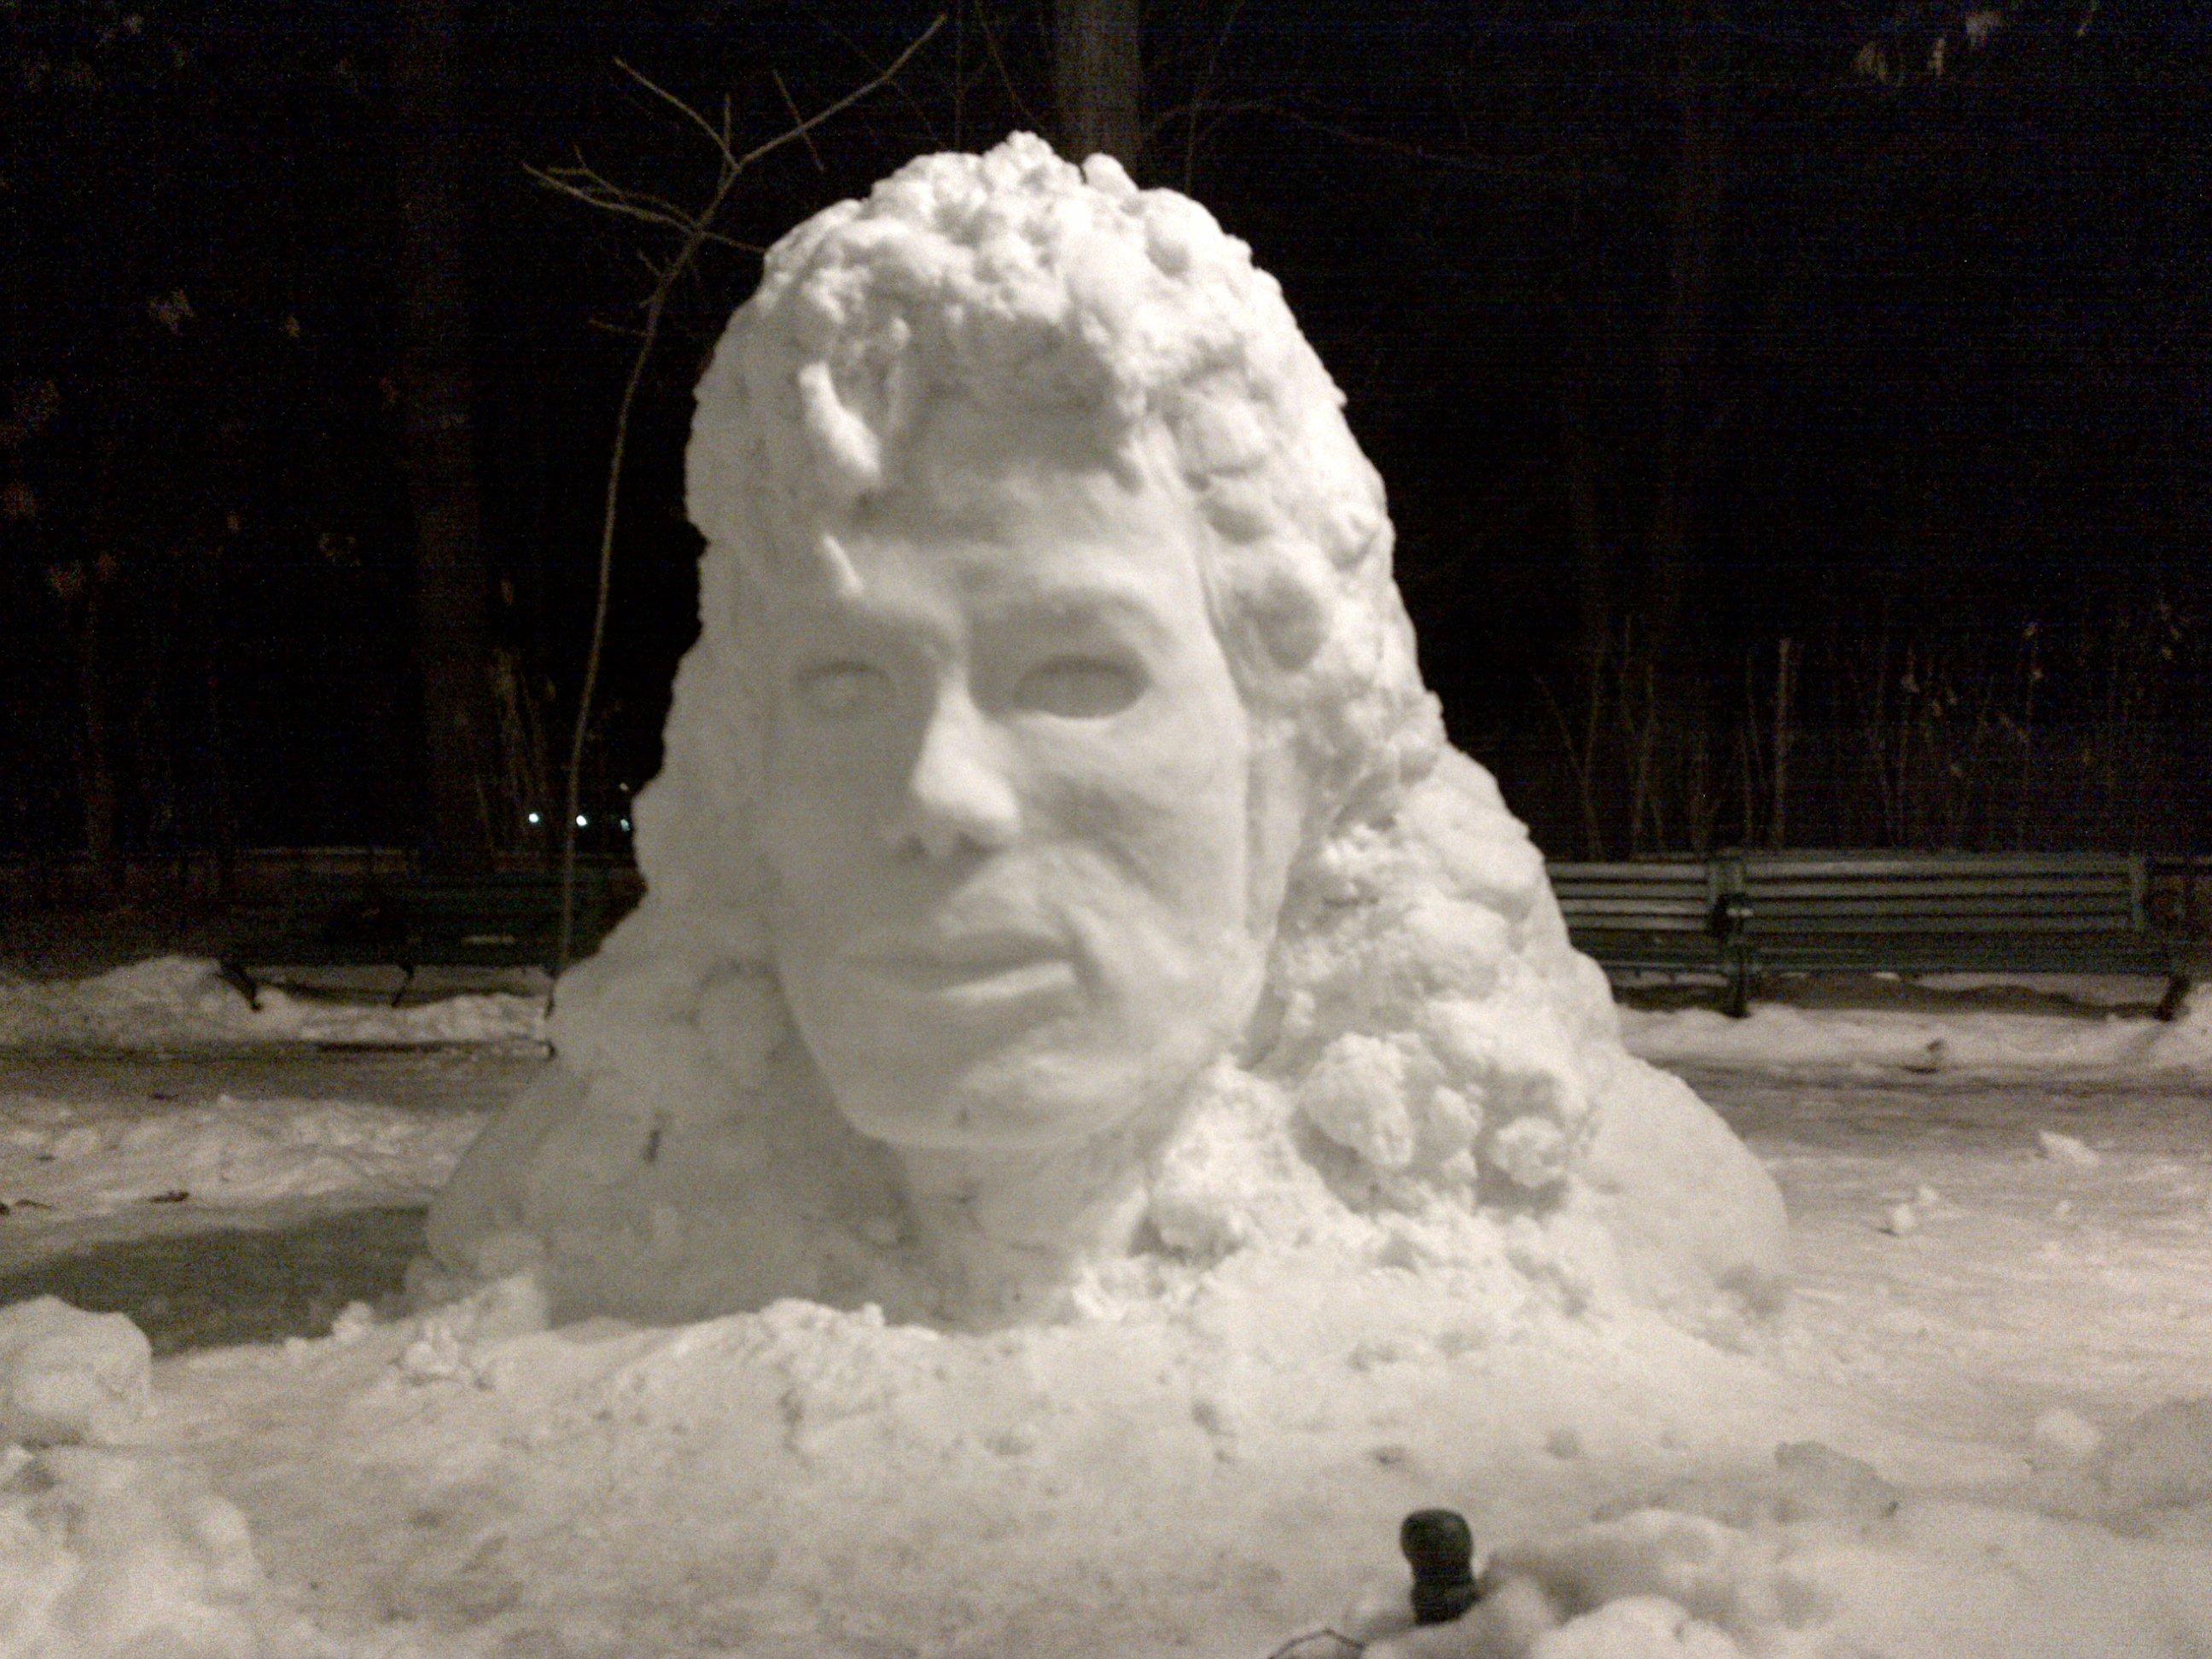 Chipul lui Michael Jackson sculptat în zăpadă